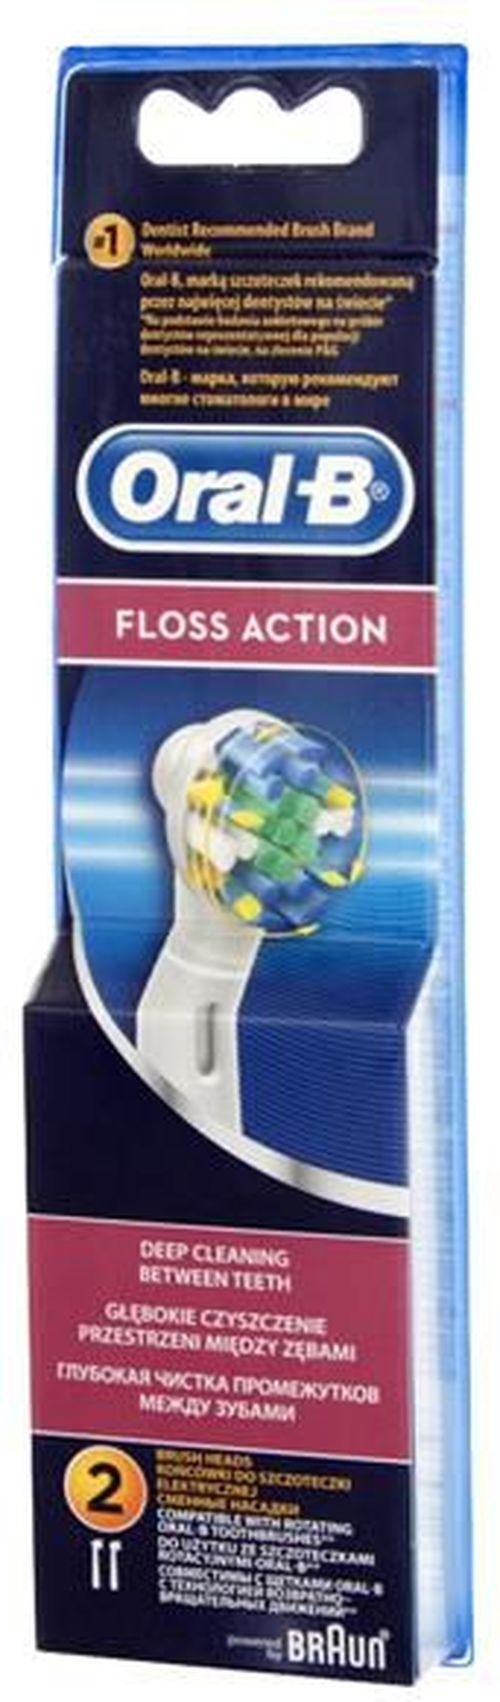 купить Аксессуар для зубных щеток Oral-B EB25 Floss Action в Кишинёве